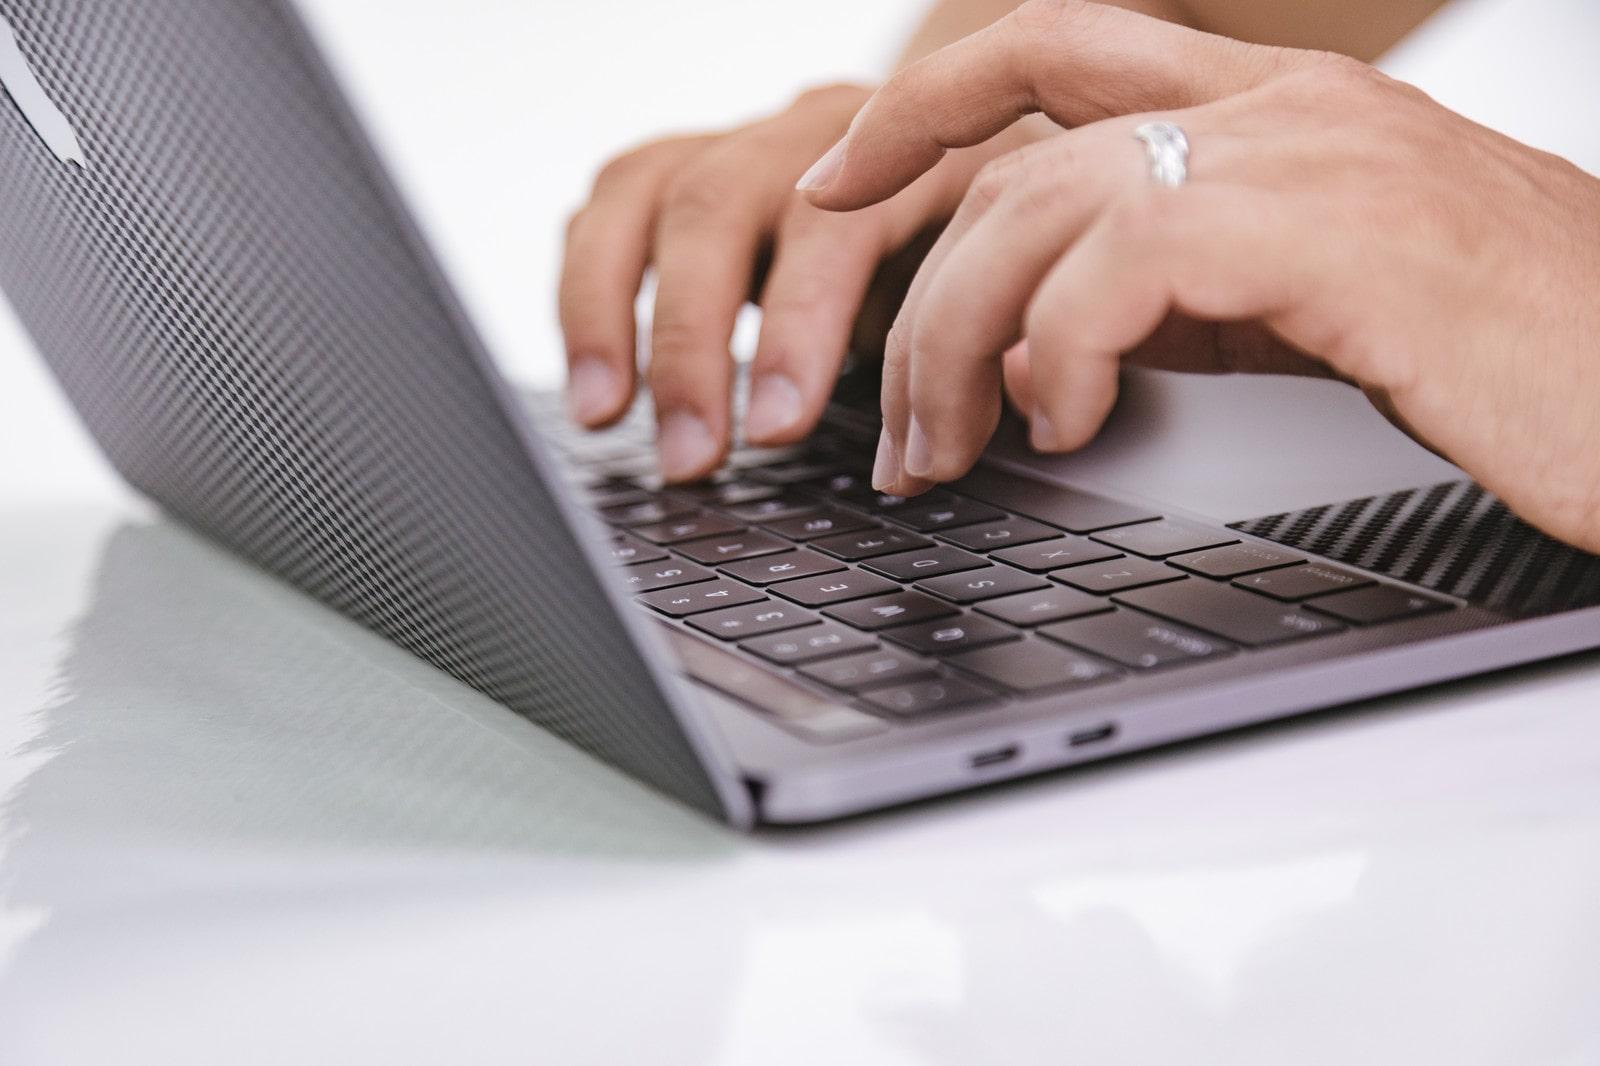 ノートパソコンでタイピングをする男性